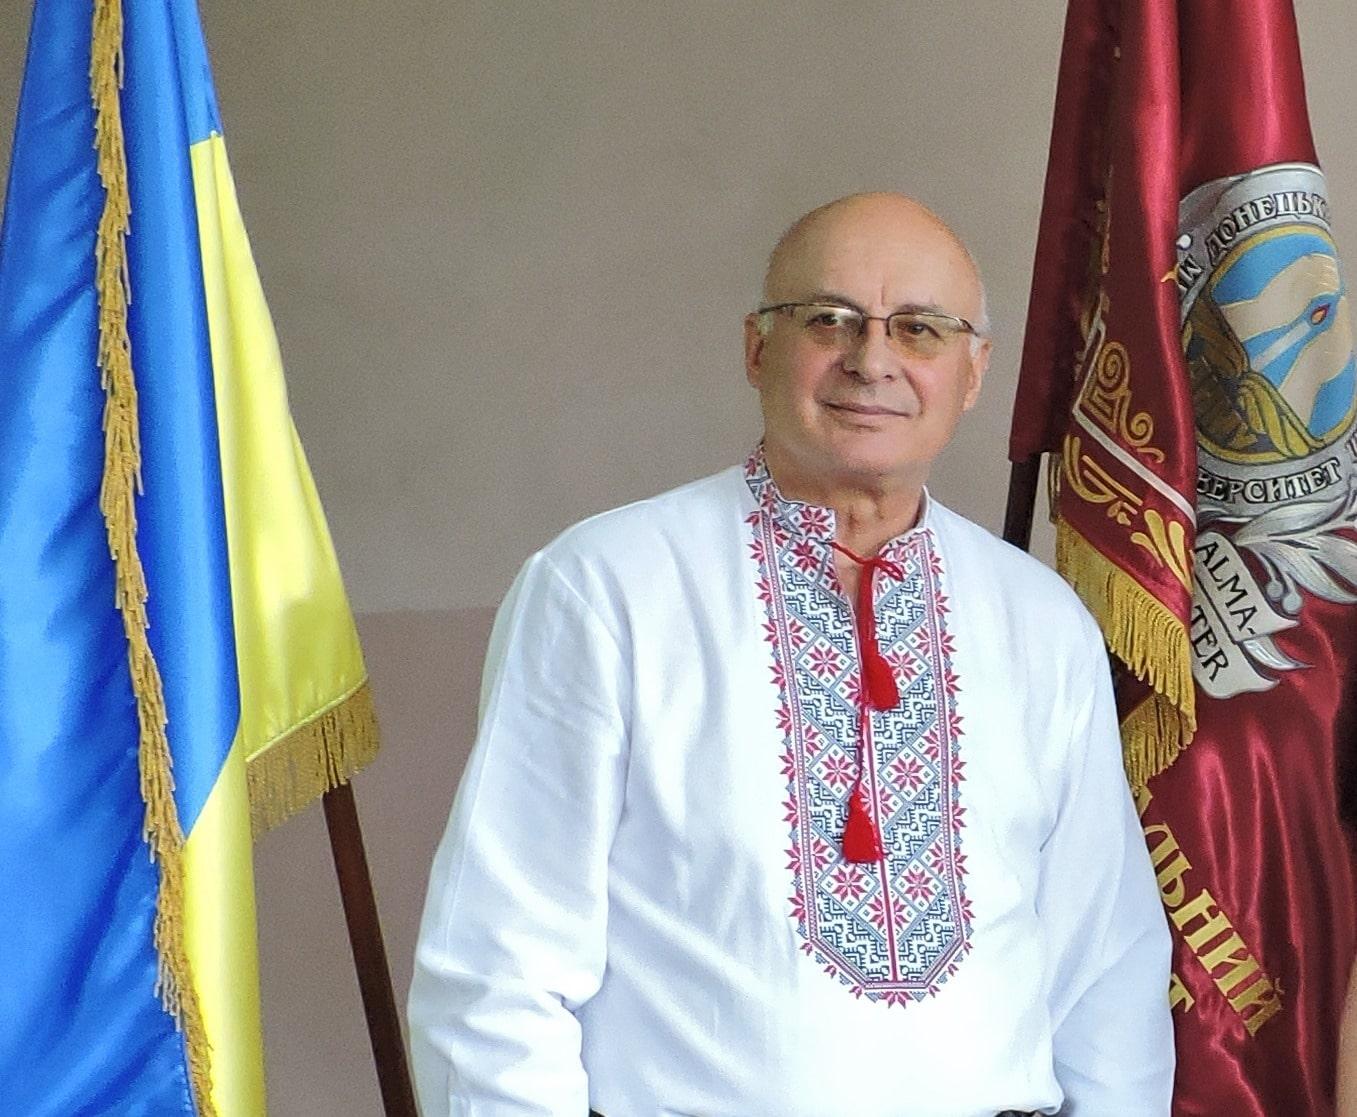 Герасименко Олександр Іванович